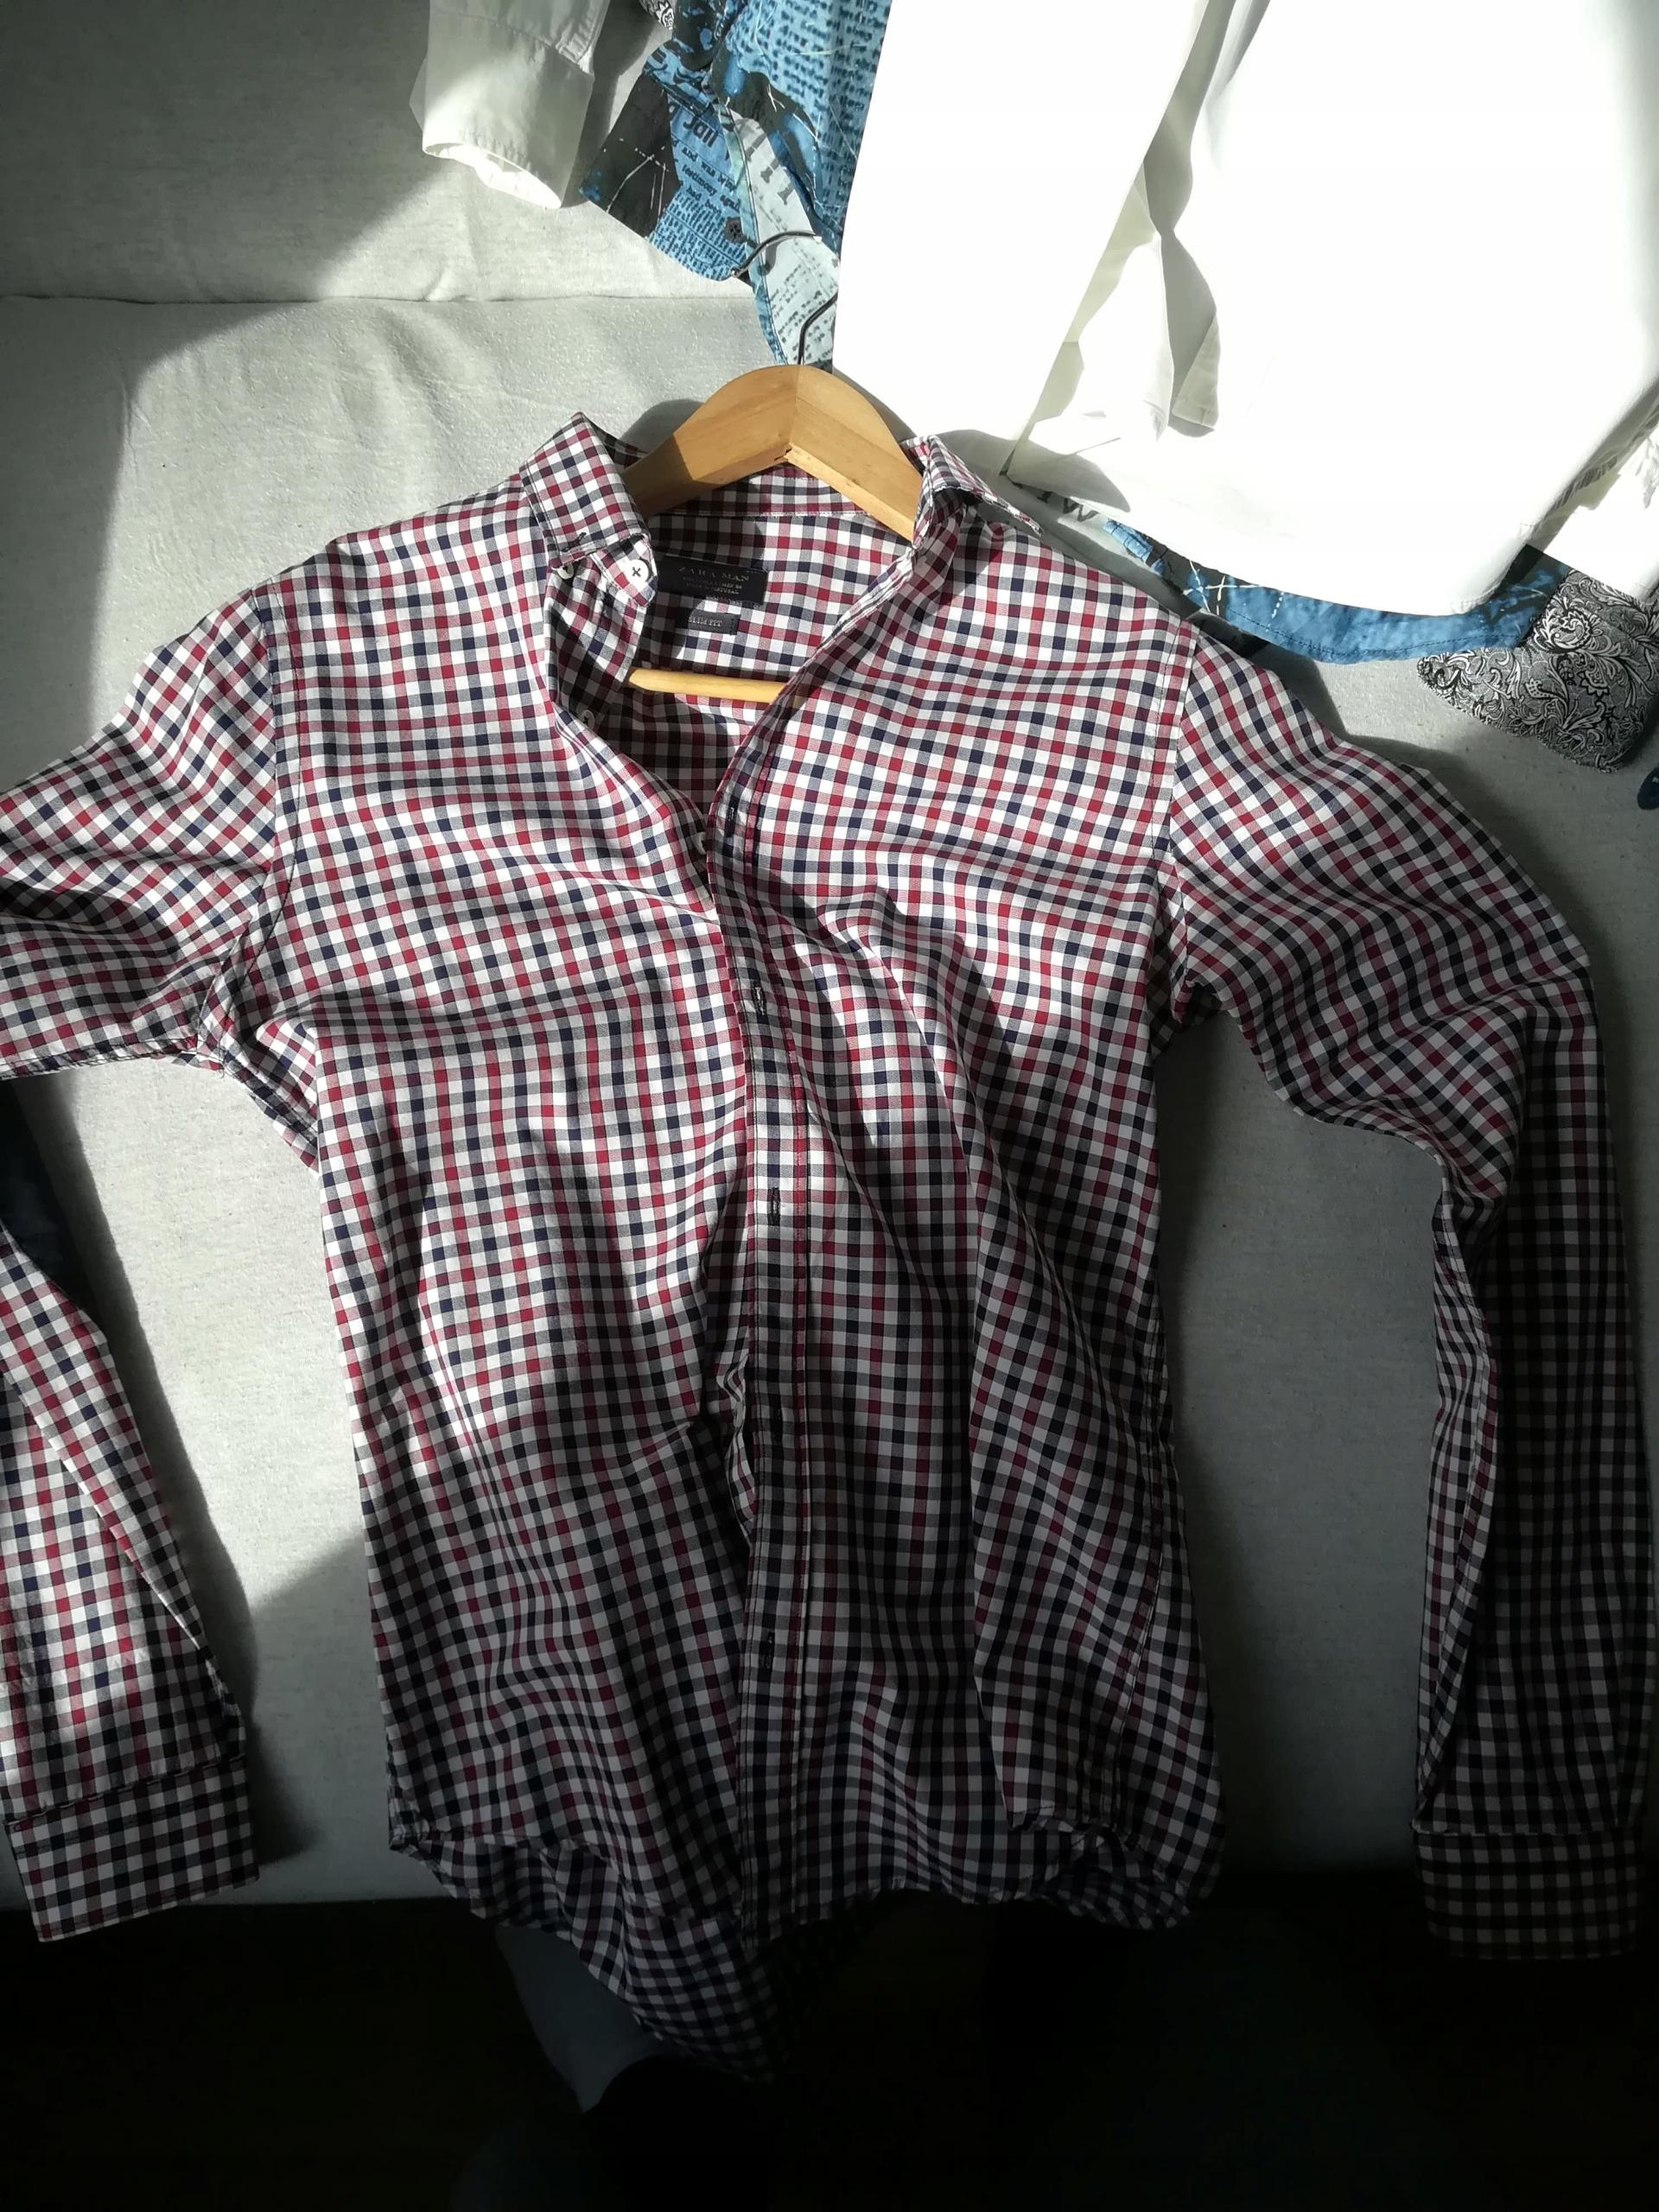 Koszula Zara stan 10/10 rozmiar S